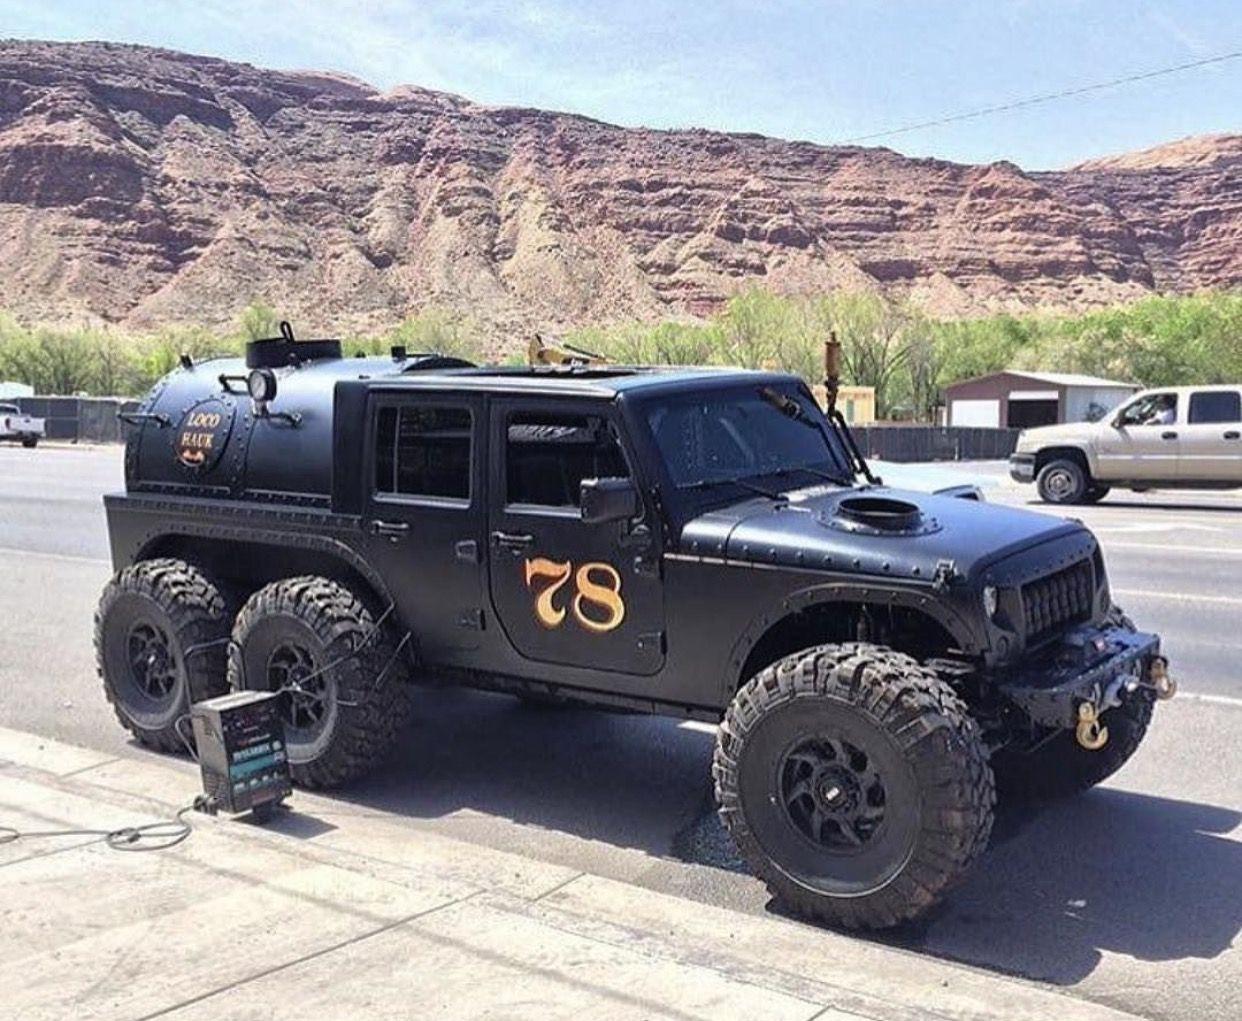 Jeep Wrangler 6x6 Trucks Jeep Truck Jeep Cars